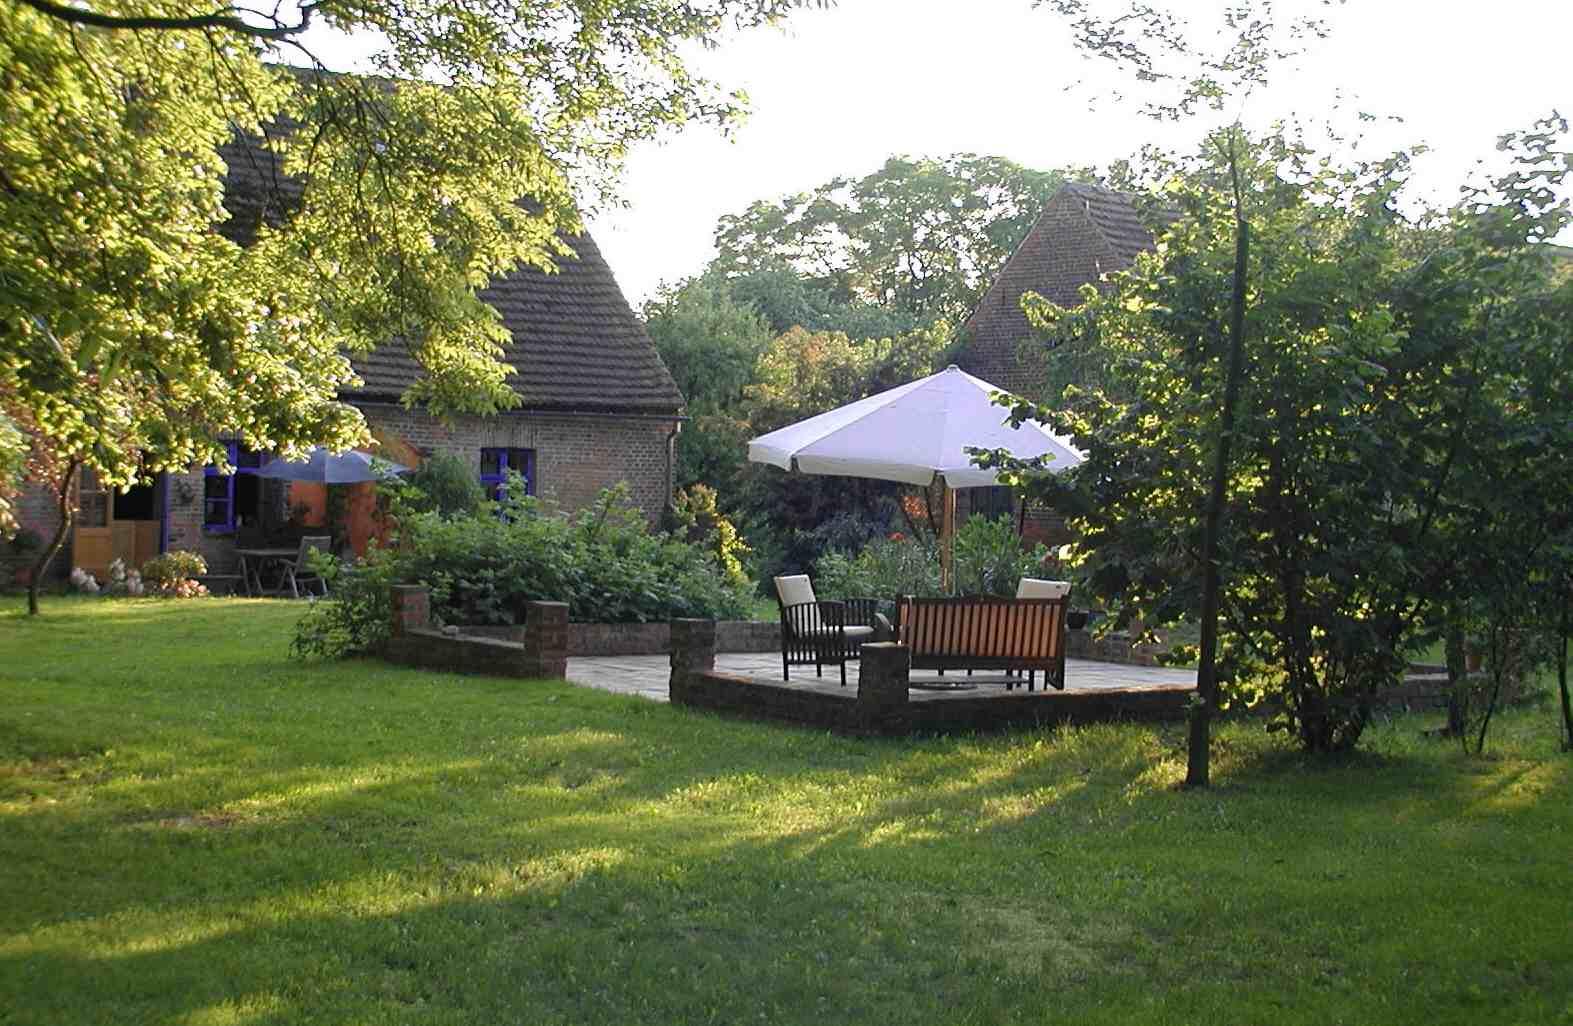 Gartenblick. | Ferienwohnungen Müritz - Alte Ziegelei